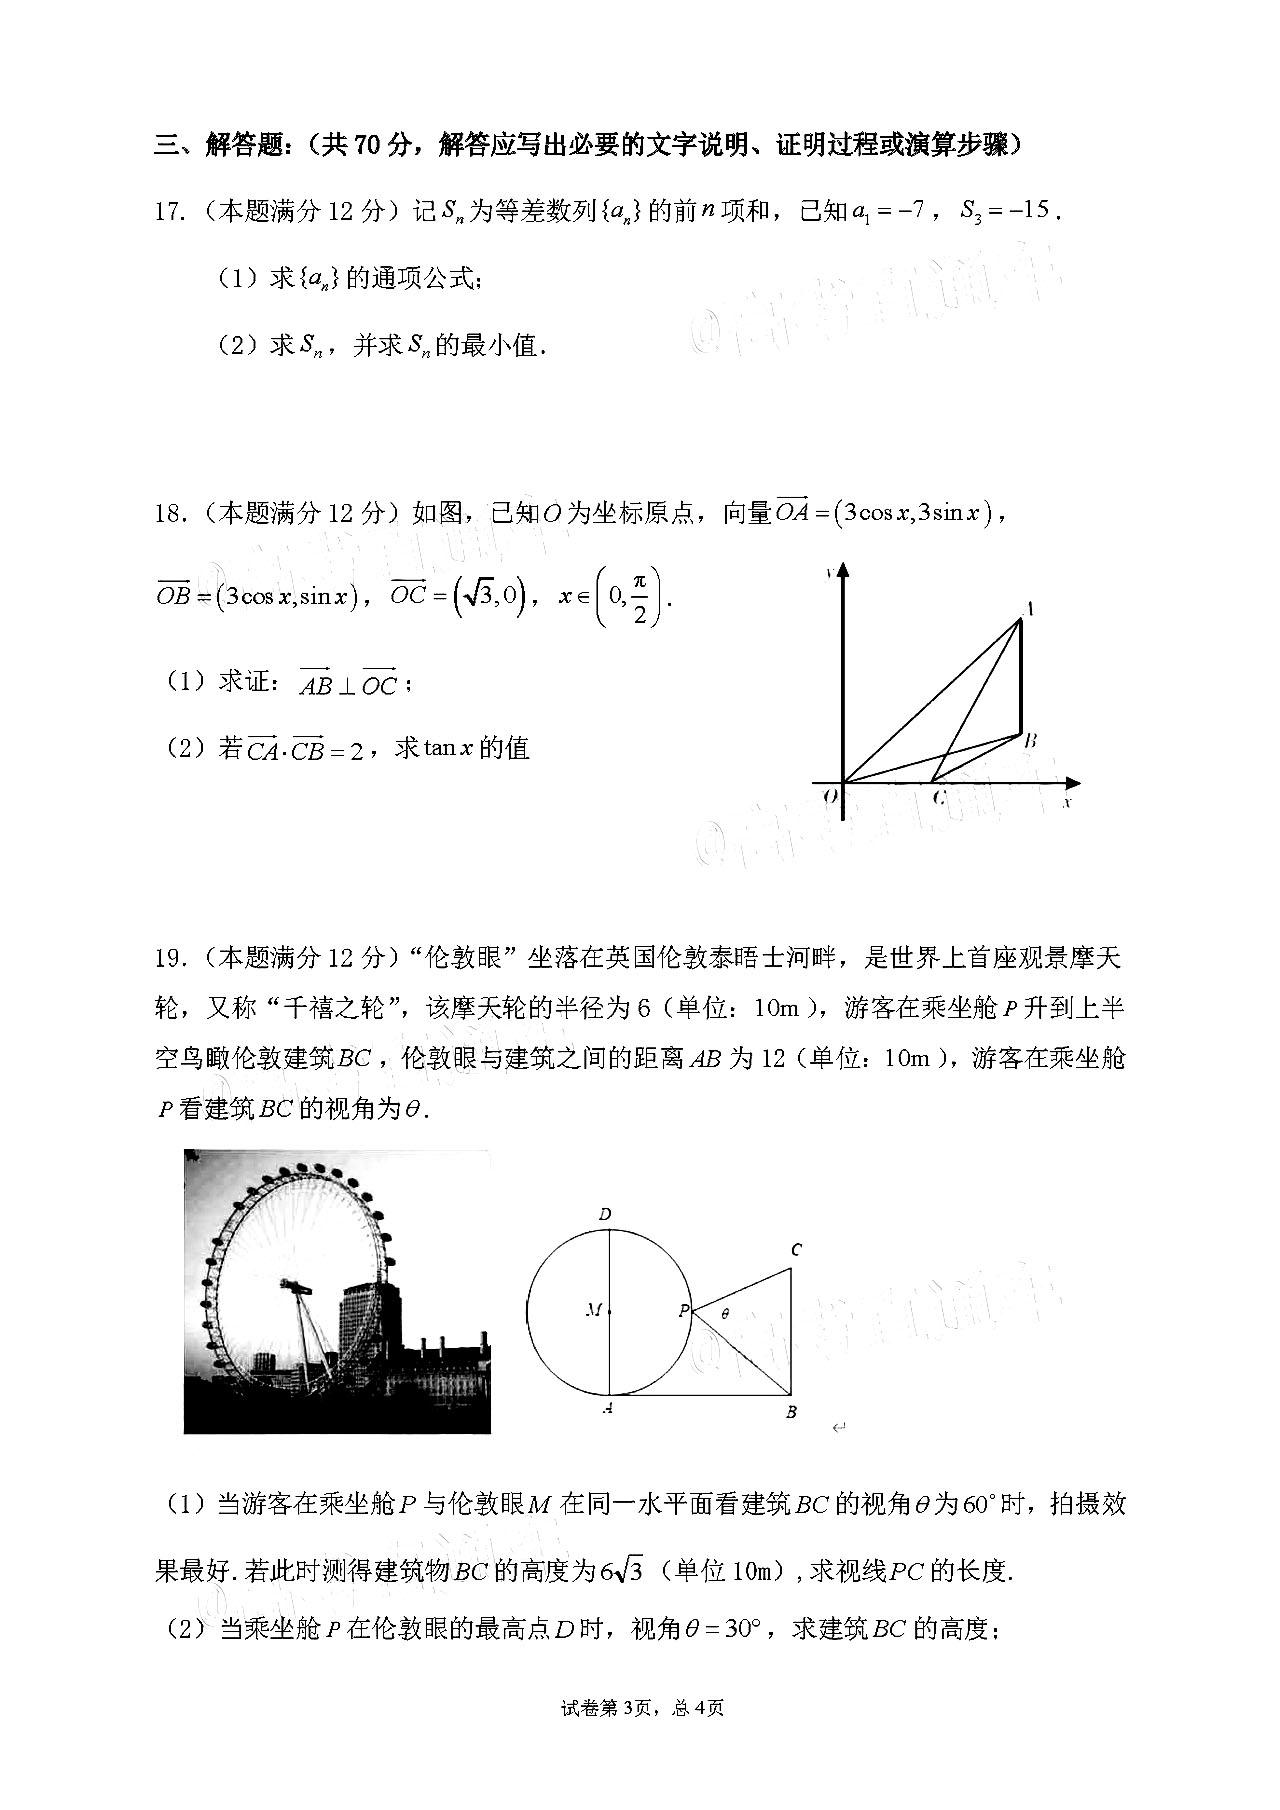 2021宁夏银川第二中学高三上统联二数学文试卷答案解析图3